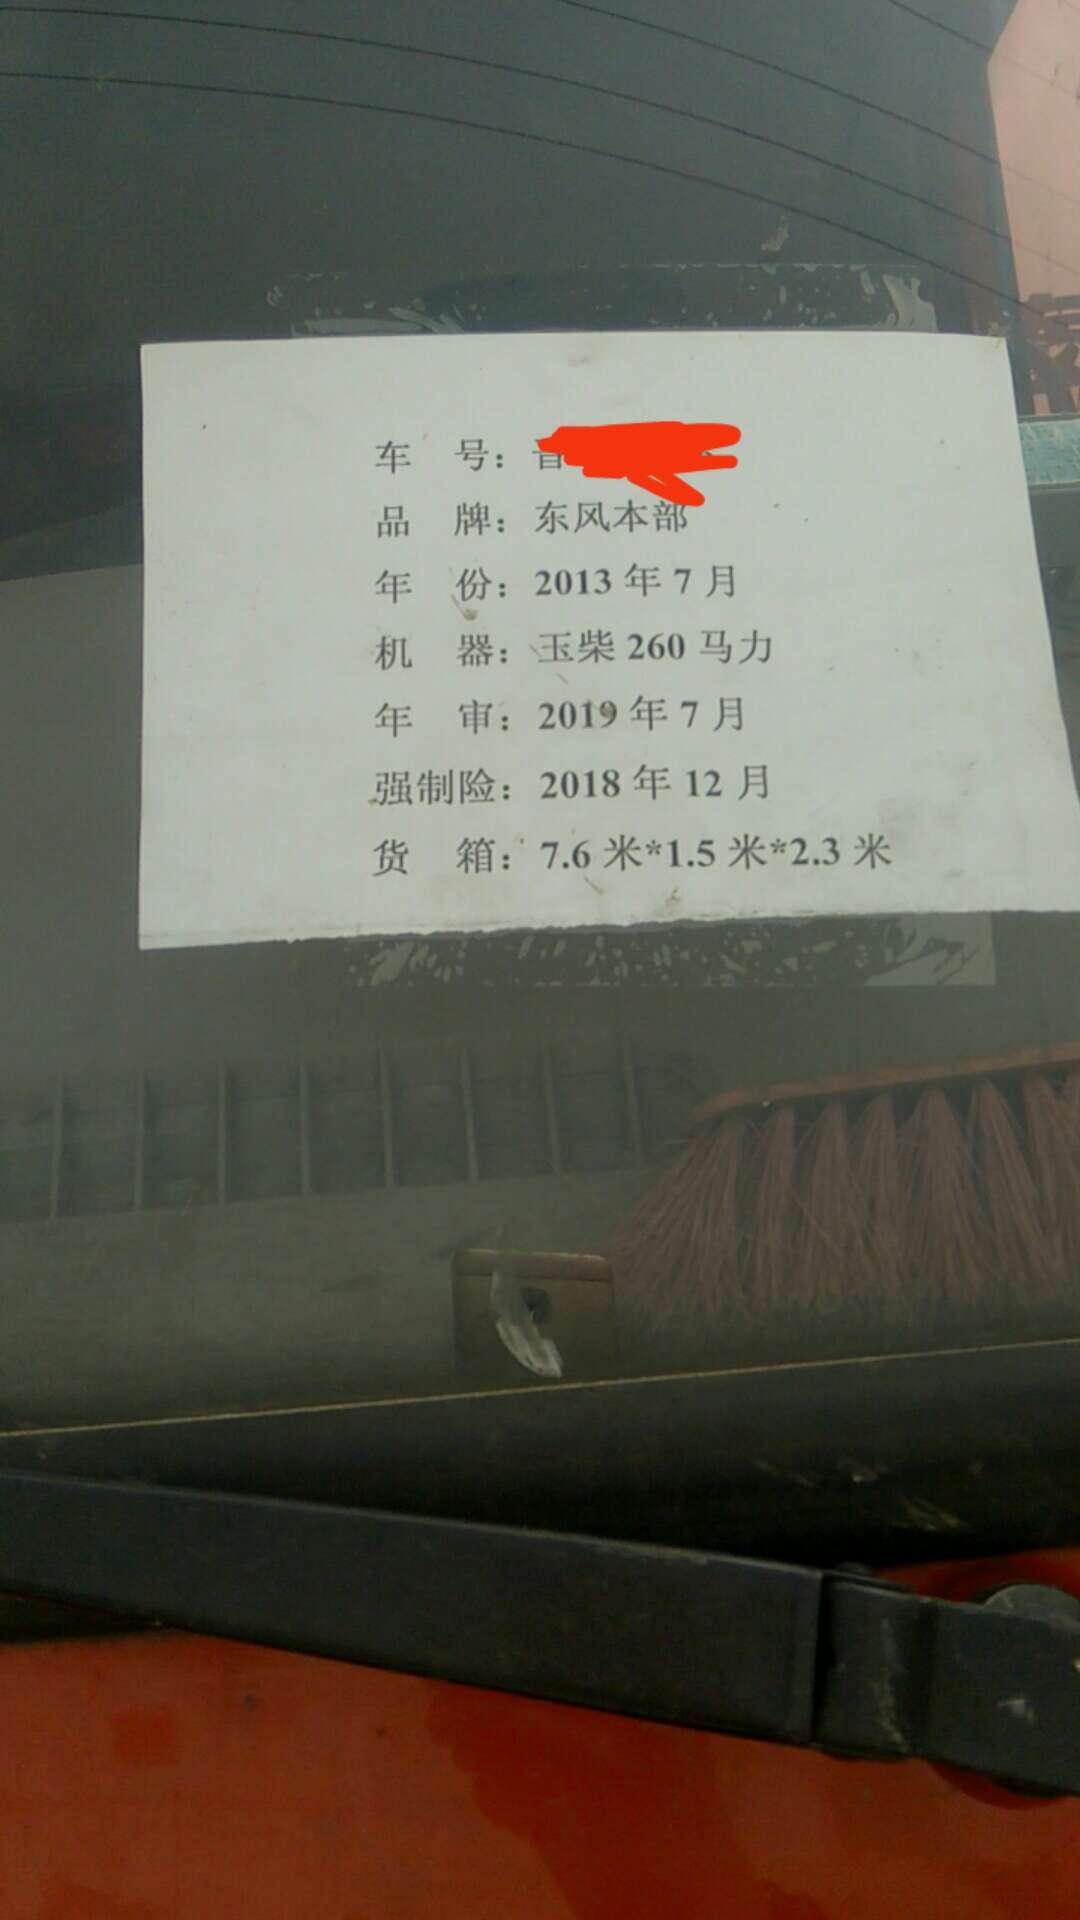 【忻州】东风本部自卸车 价格10.00万 二手车